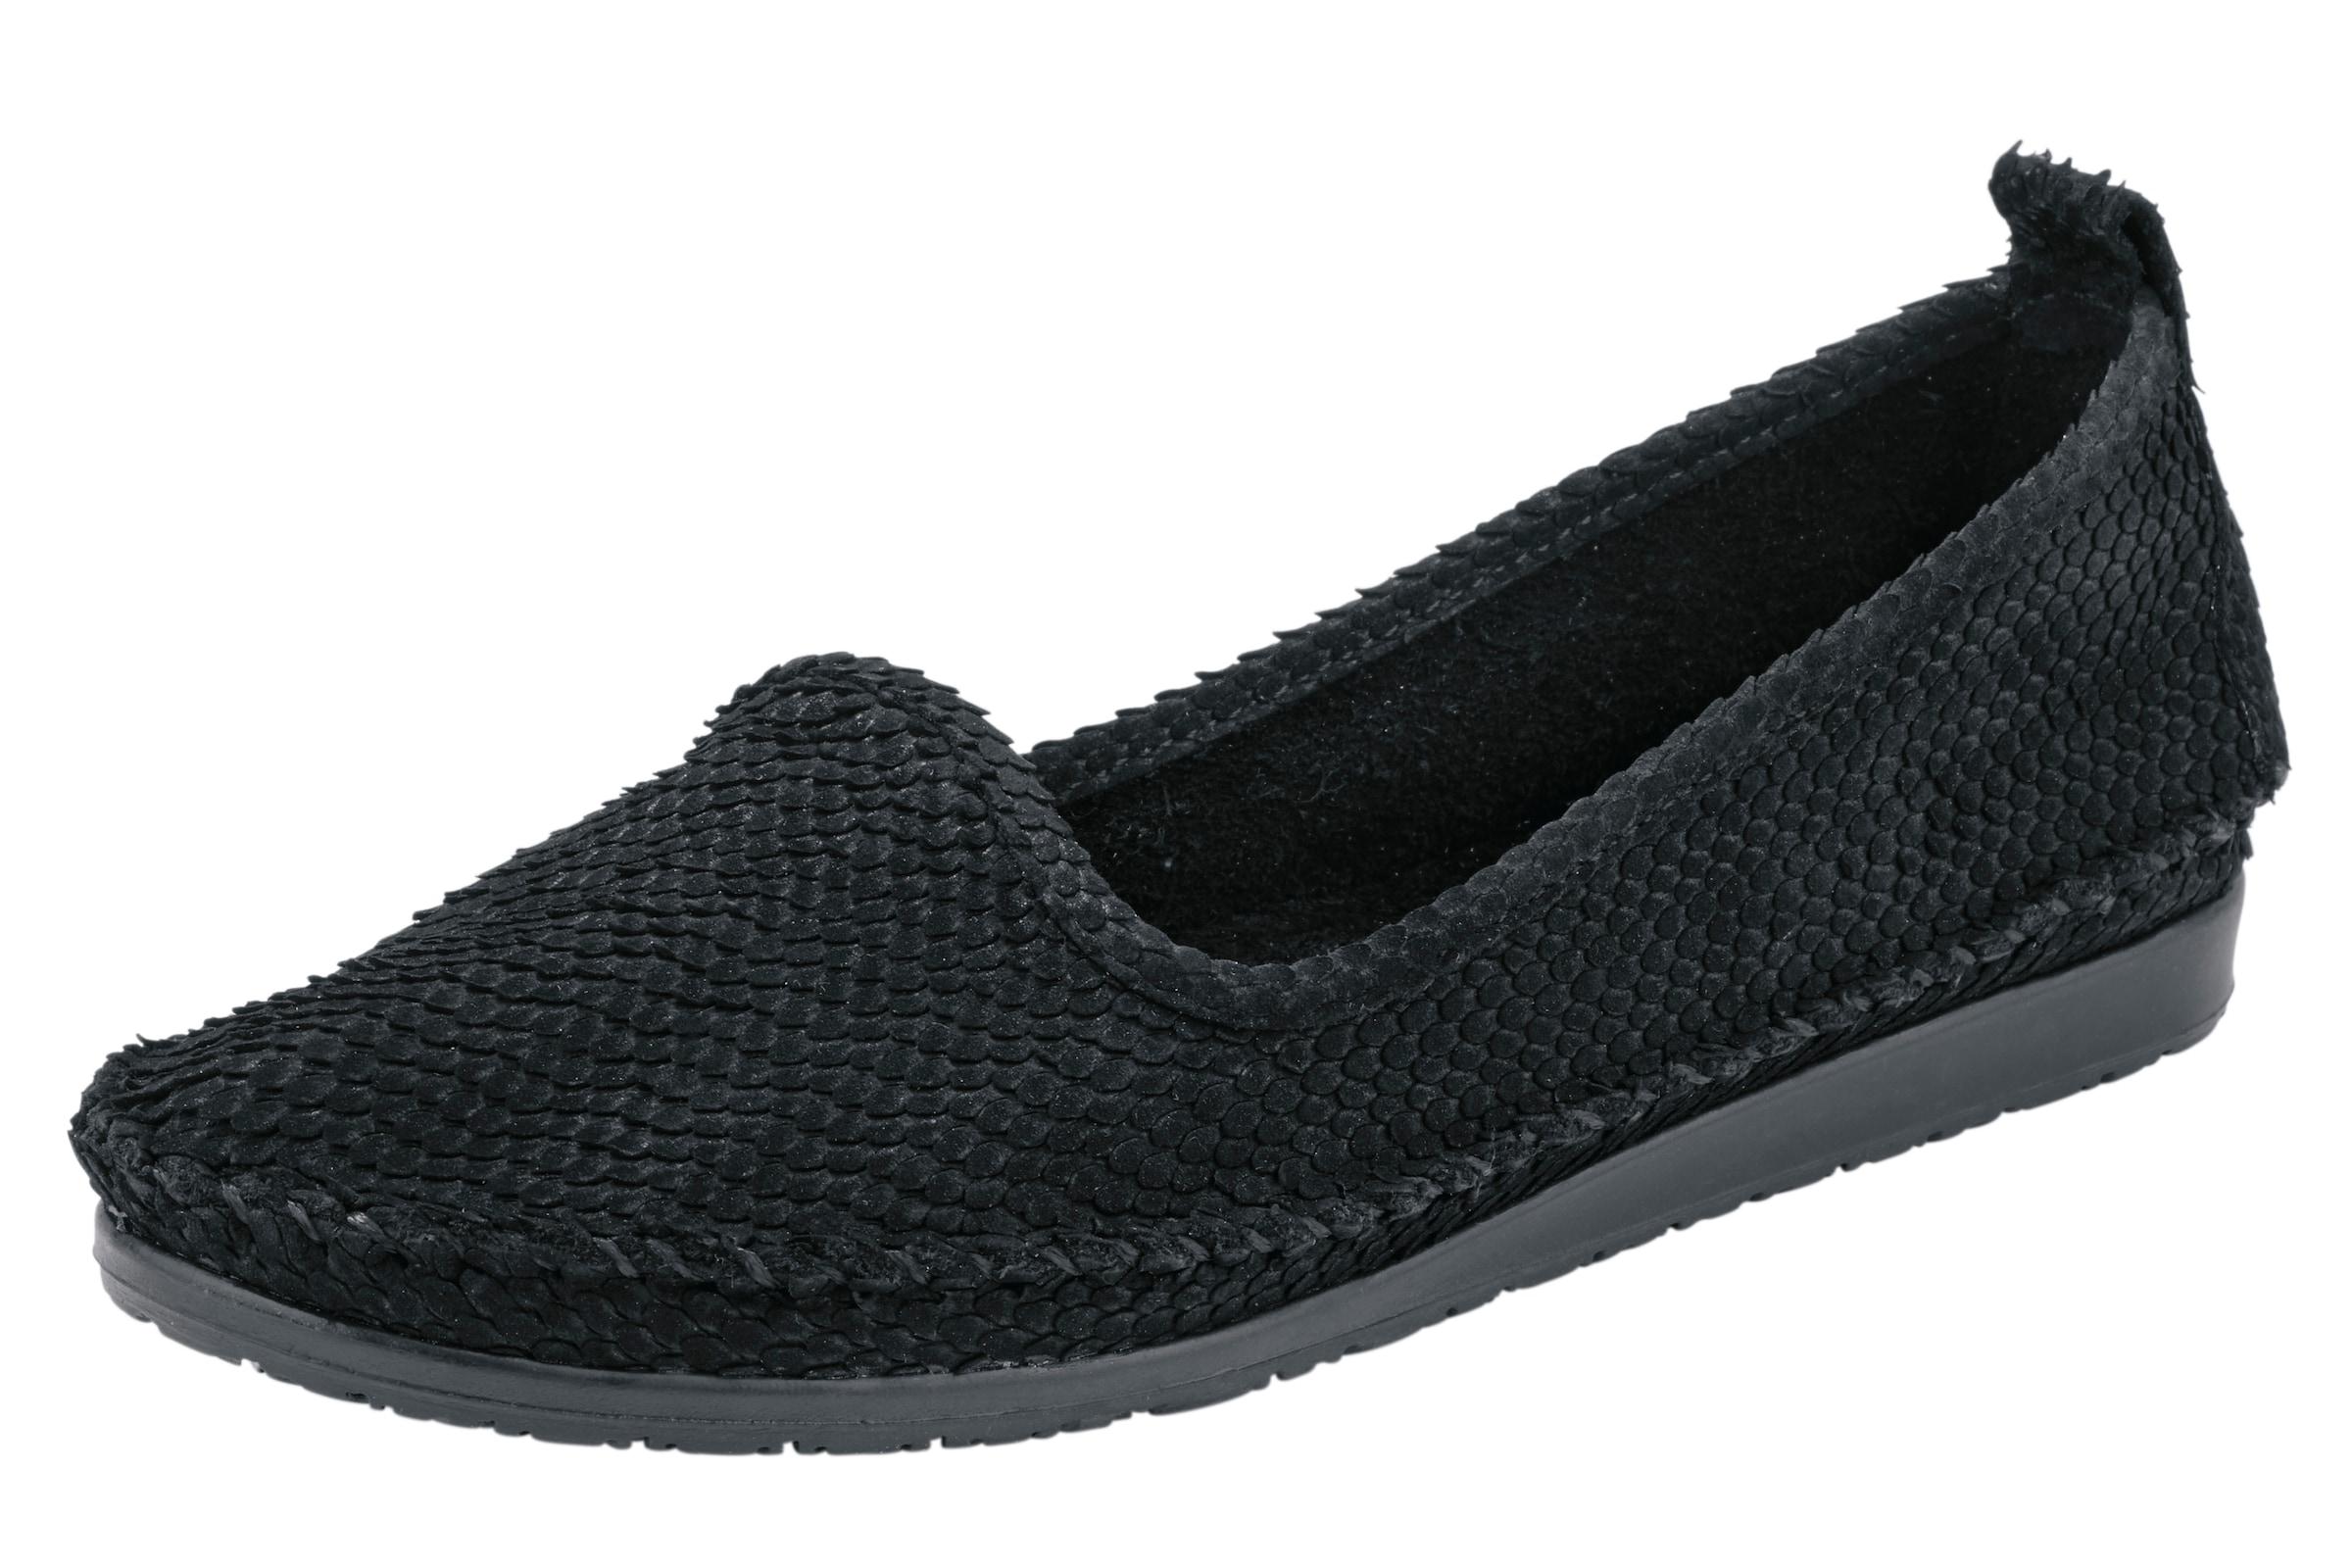 Haltbare Mode billige Schuhe ANDREA CONTI | Slipper Schuhe Schuhe Schuhe Gut getragene Schuhe b00516